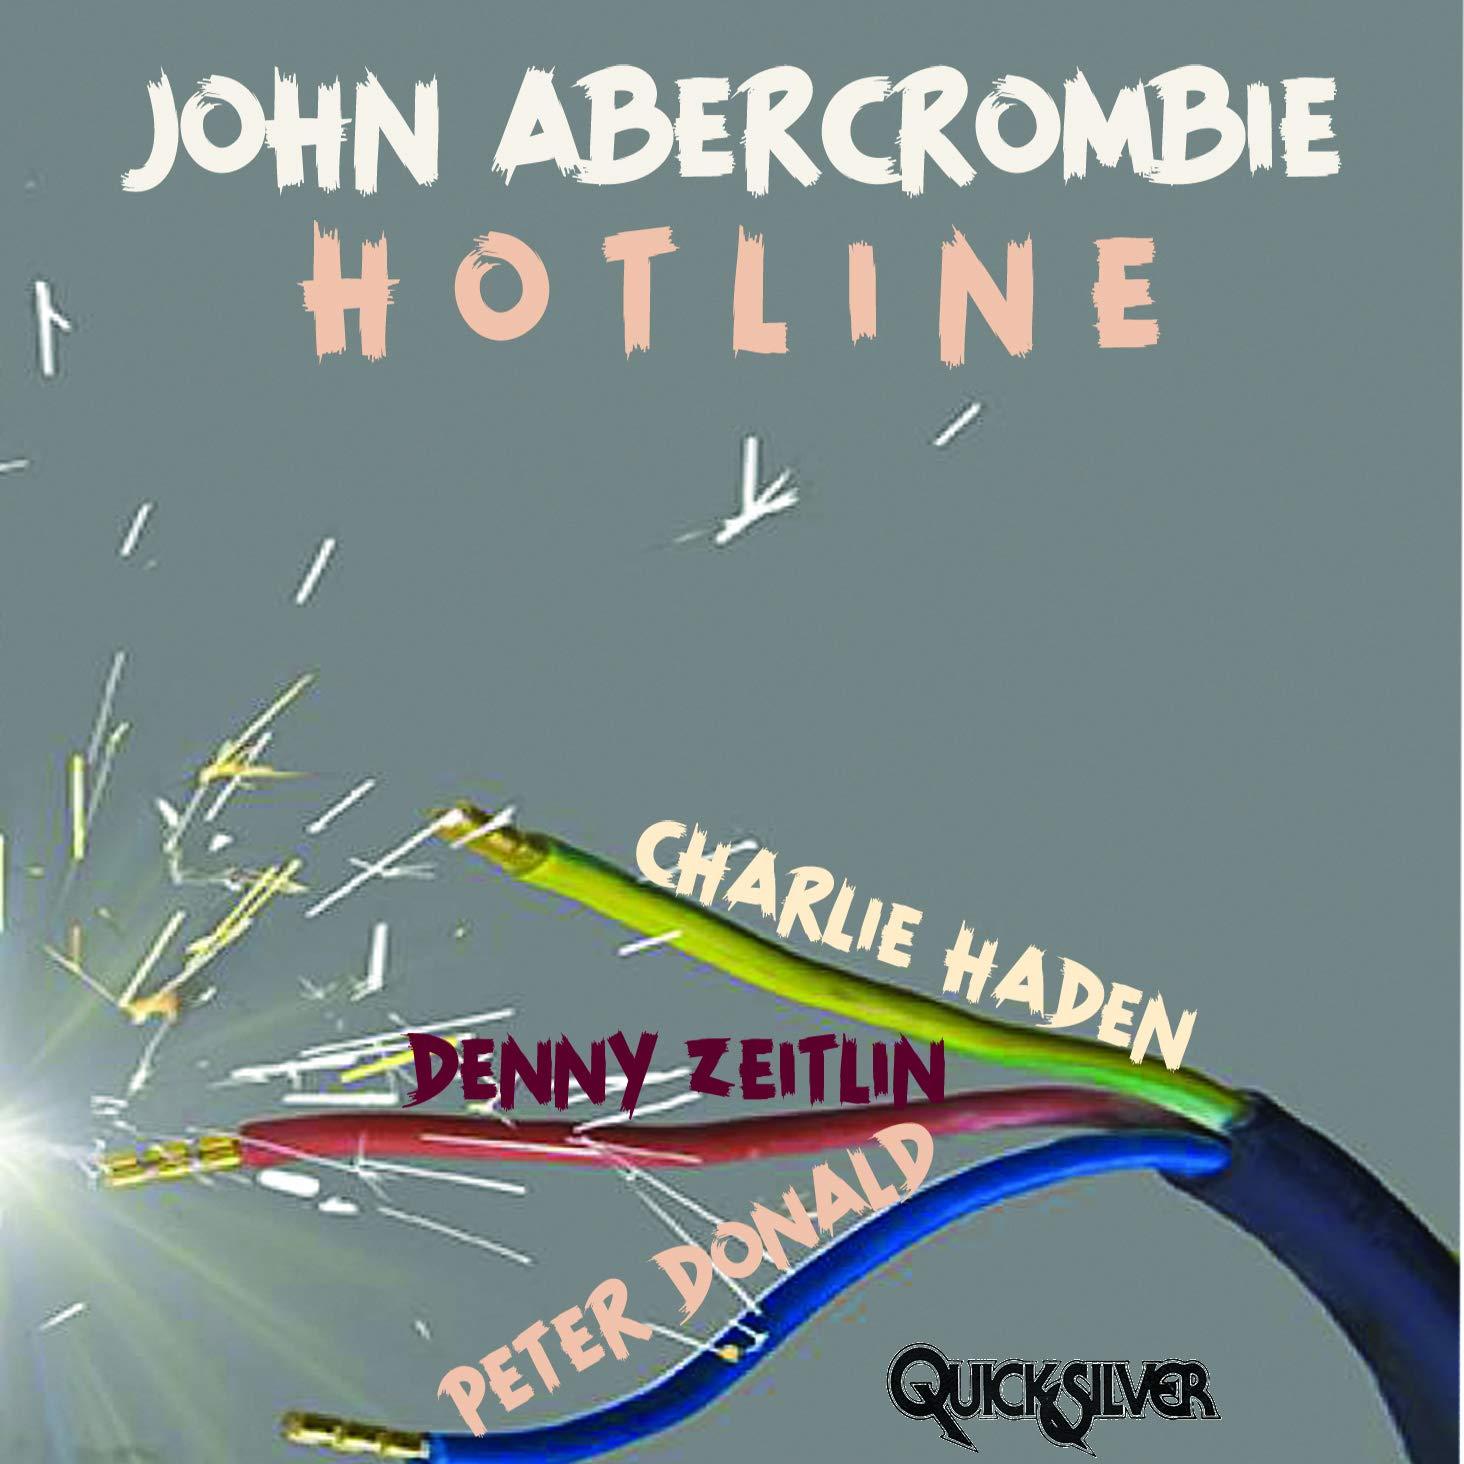 JOHN ABERCROMBIE - Hotline cover